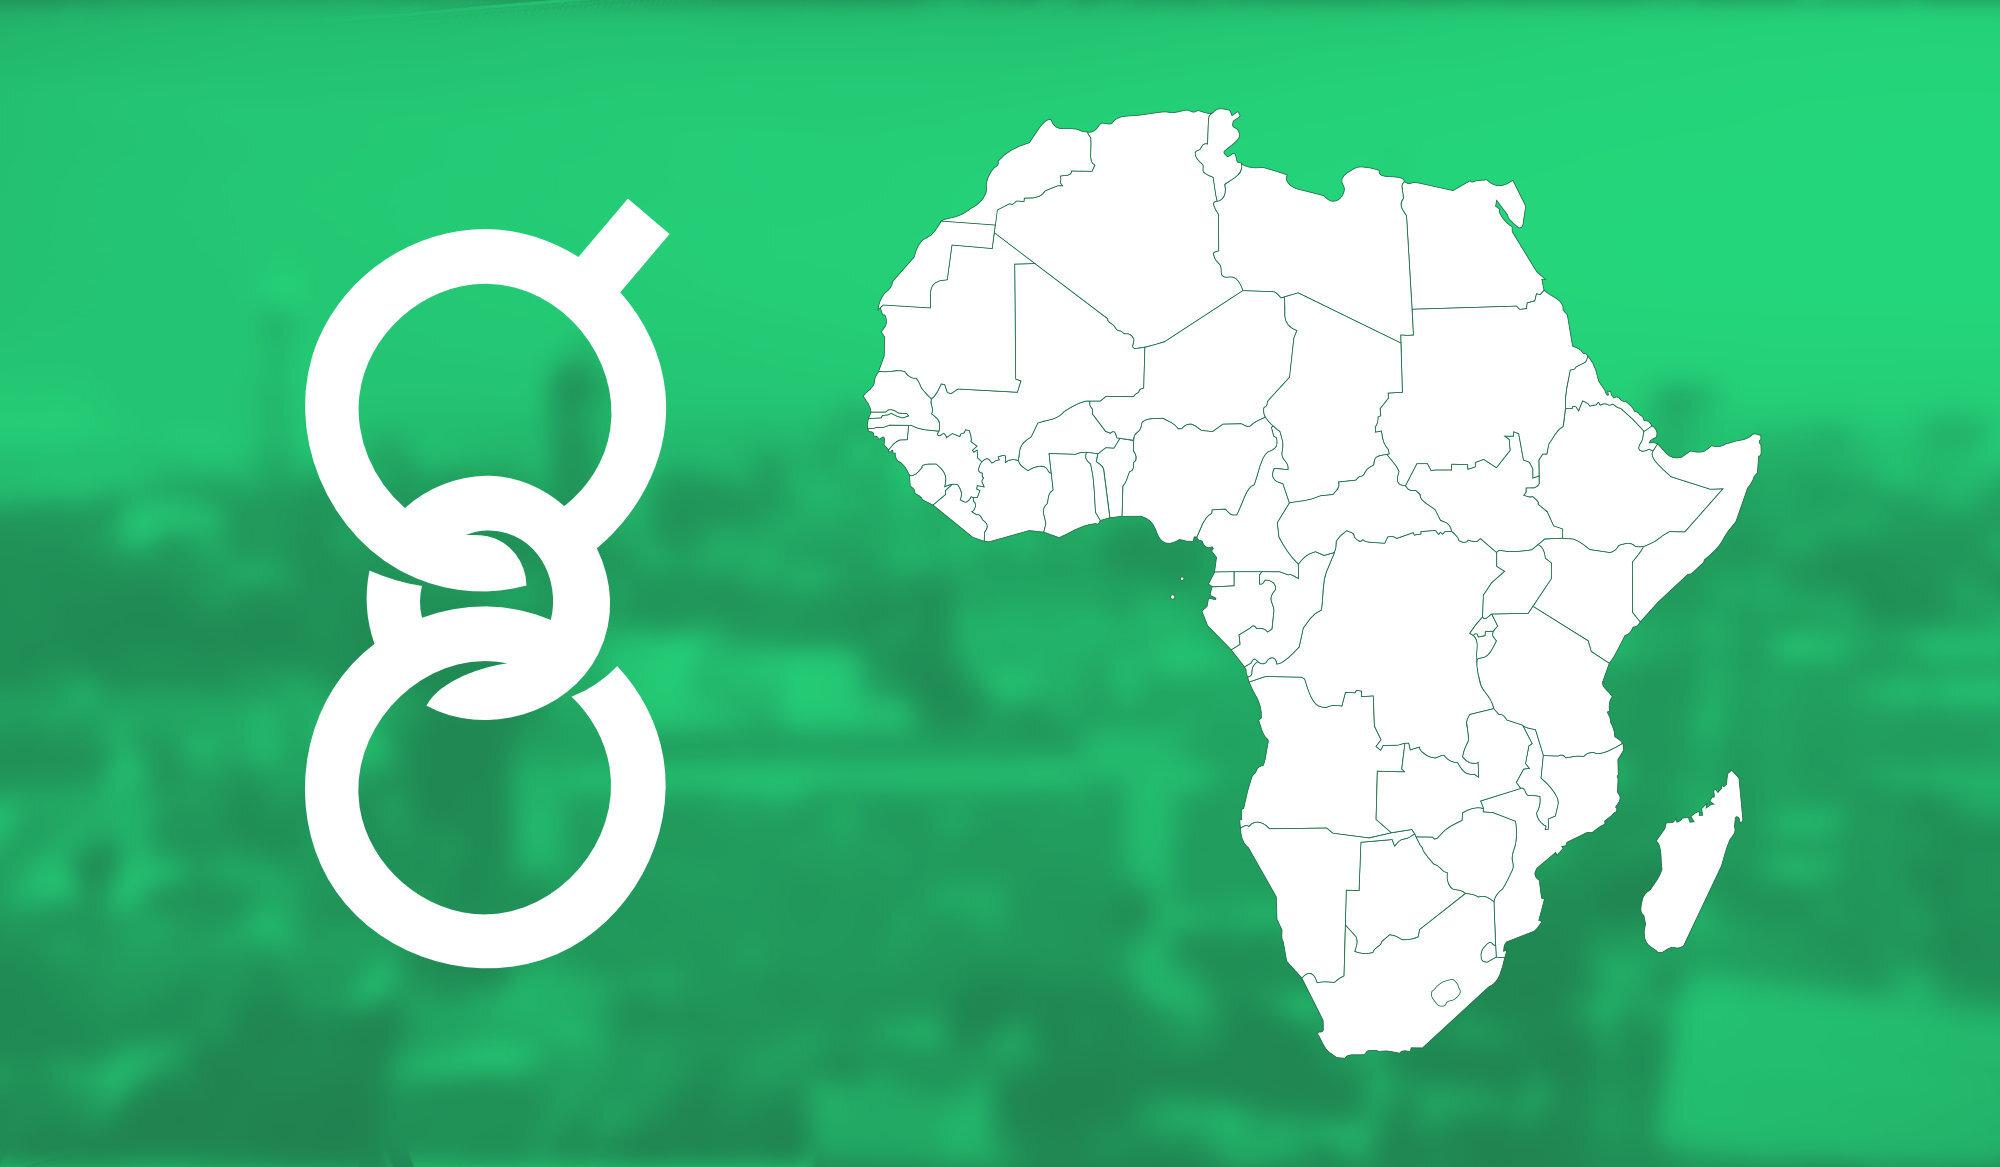 gaw-africa.jpg